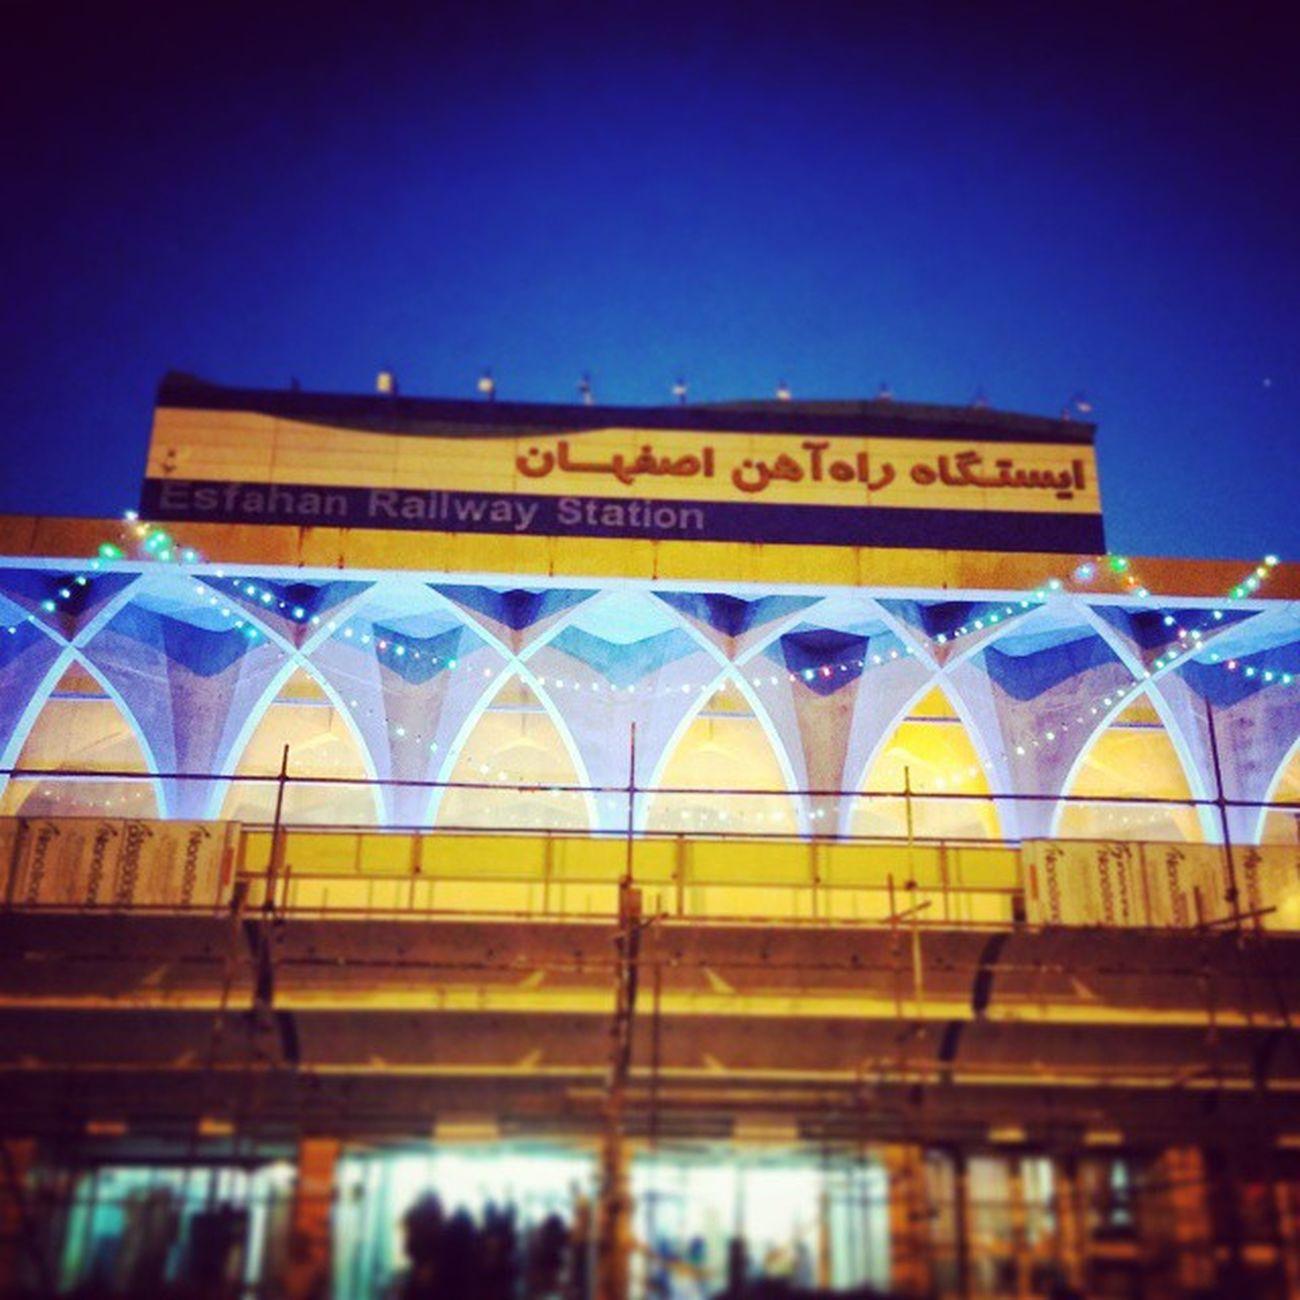 شهر تمدن و هنر و معماری ایران سلام...😊🌷 اصفهان راهاهن قطار مسافرت هتل صبح Isfahan Tehran Sunmer September Travel Goodday Happy